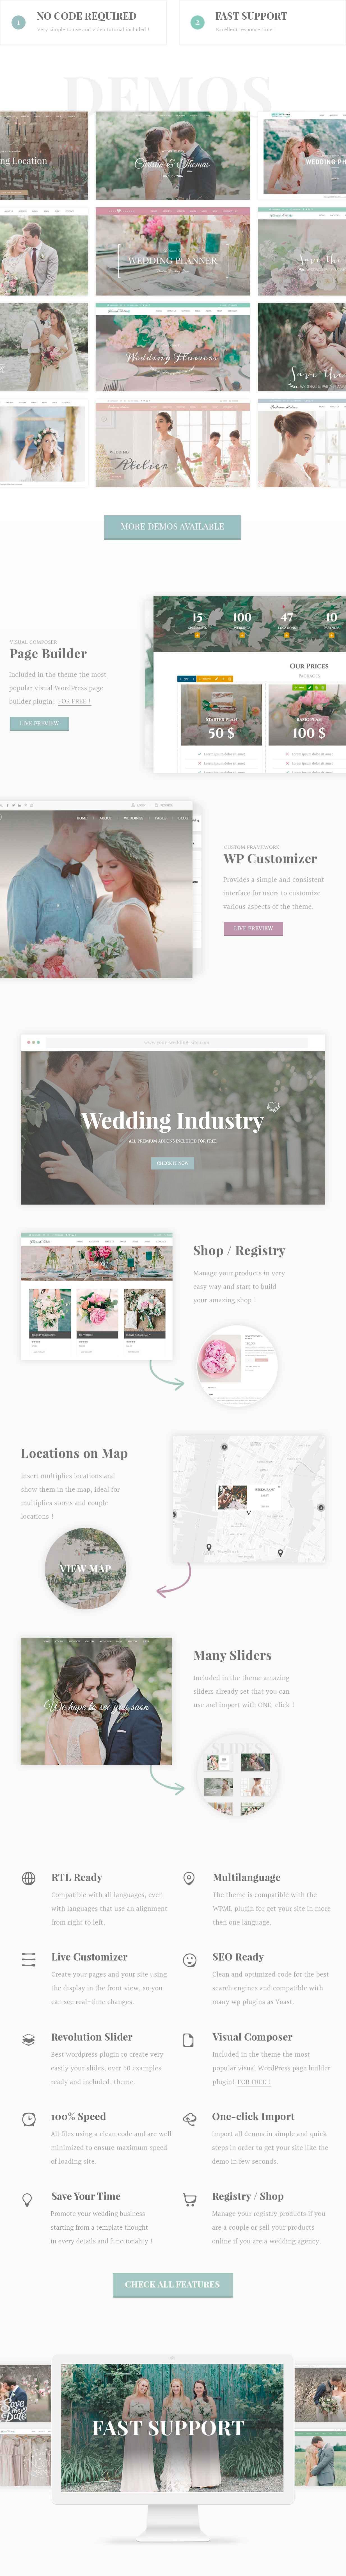 صناعة الزفاف - زفاف زوجين متعدد الأغراض WP - 1